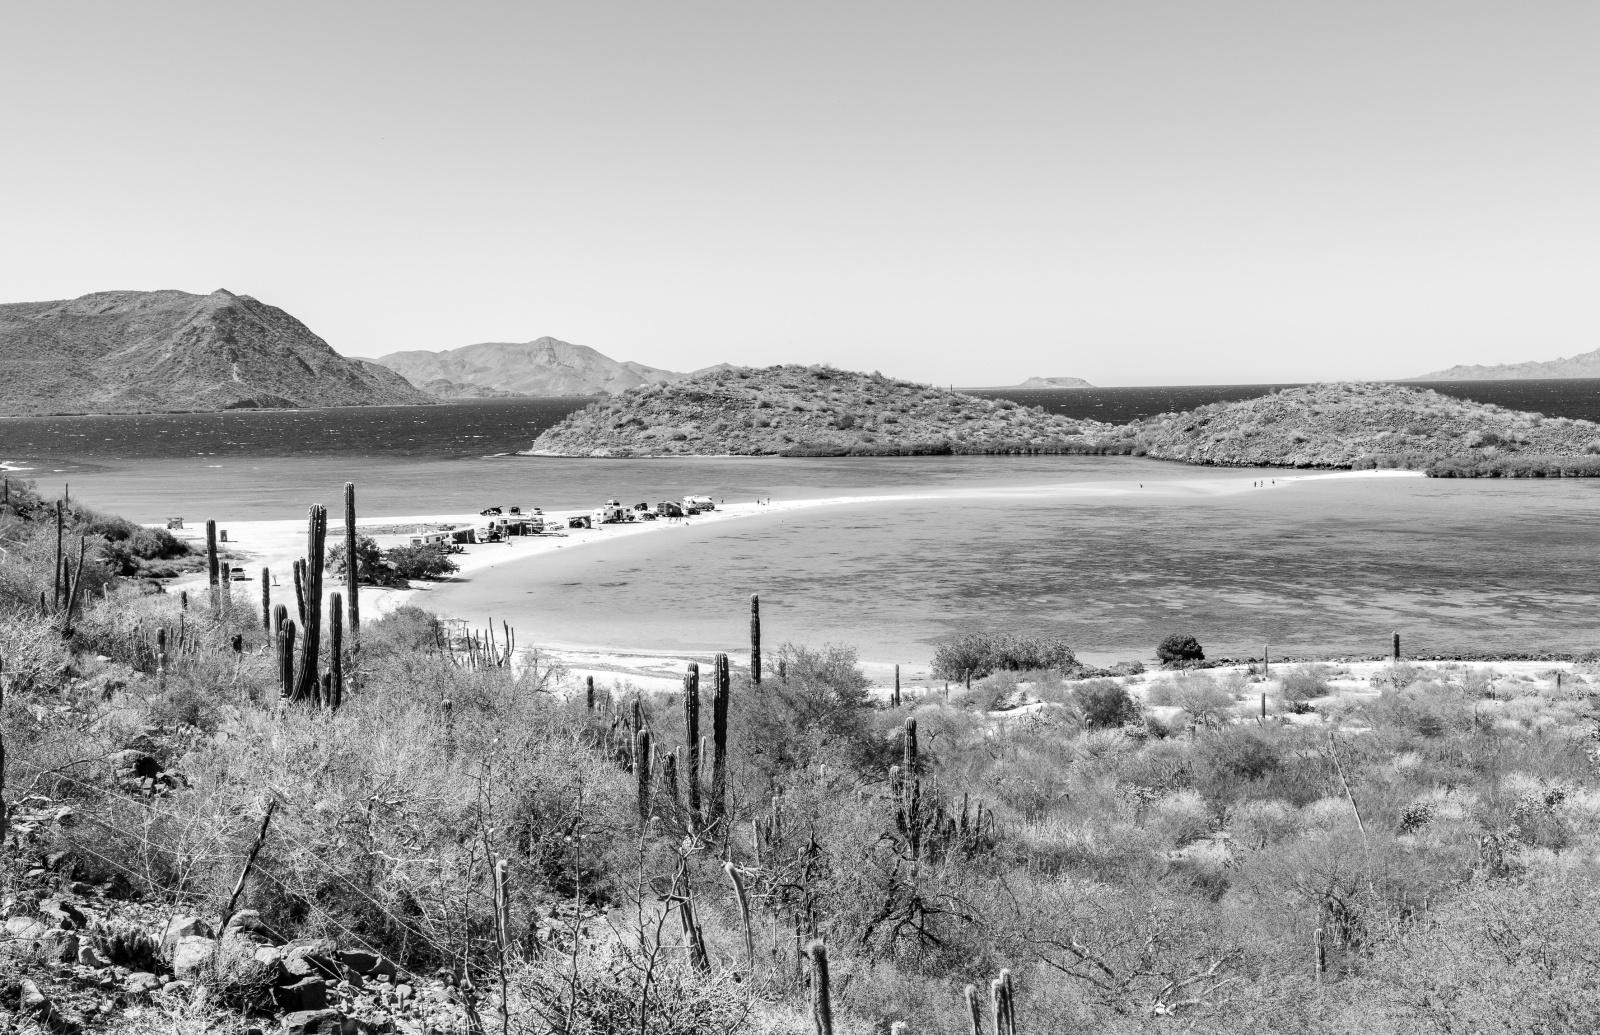 Baja California Sur - Messico